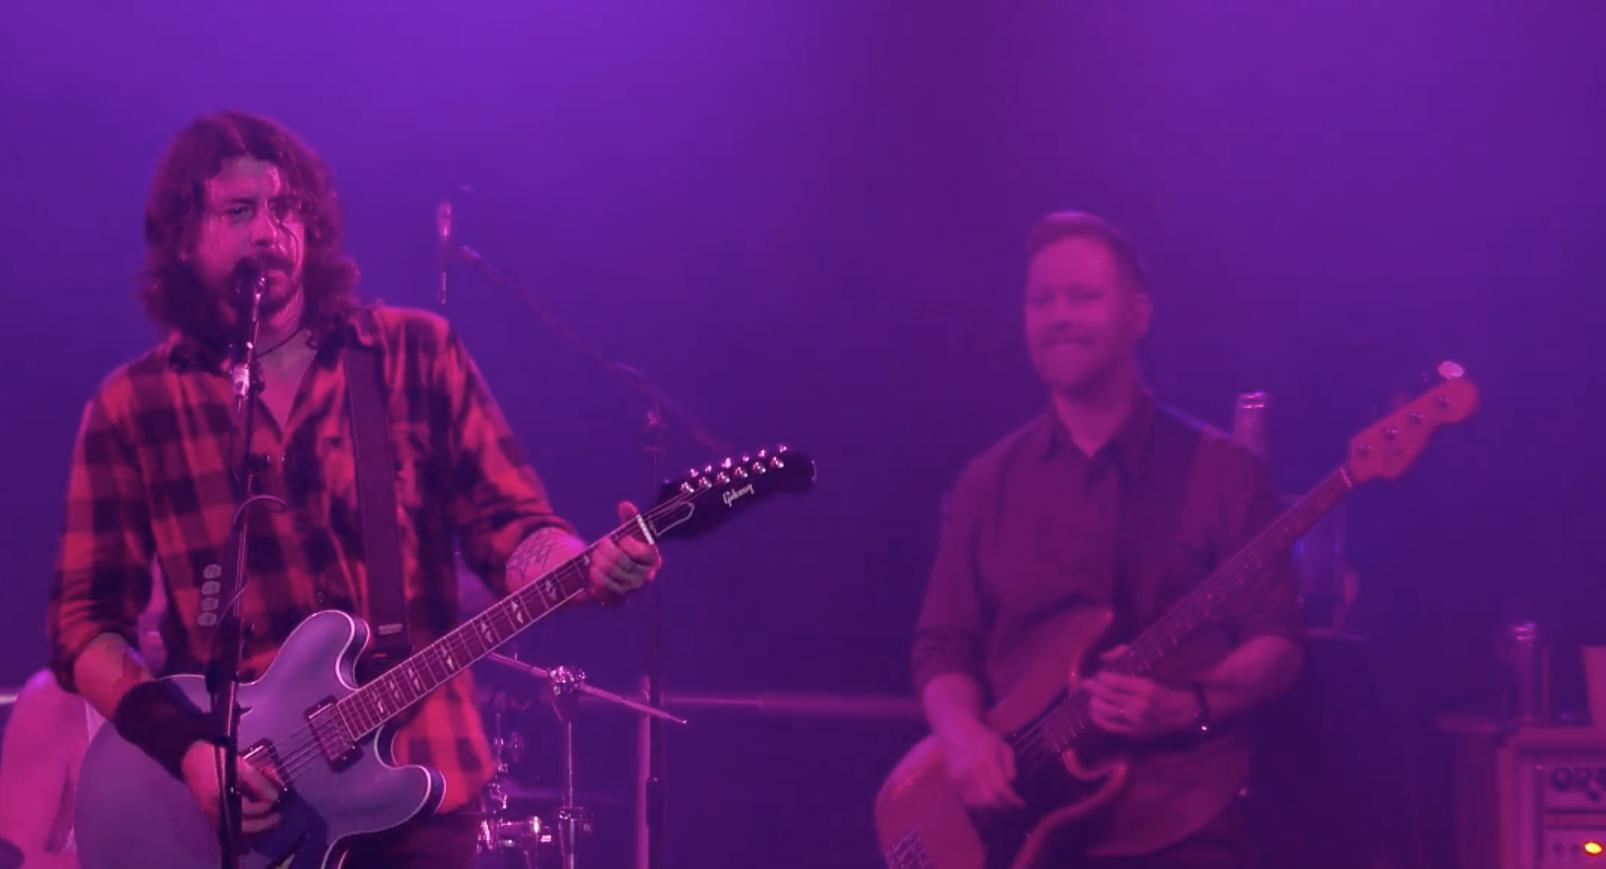 ¡Chequen a los Foo Fighters tocar en vivo desde el  Reino Unido!